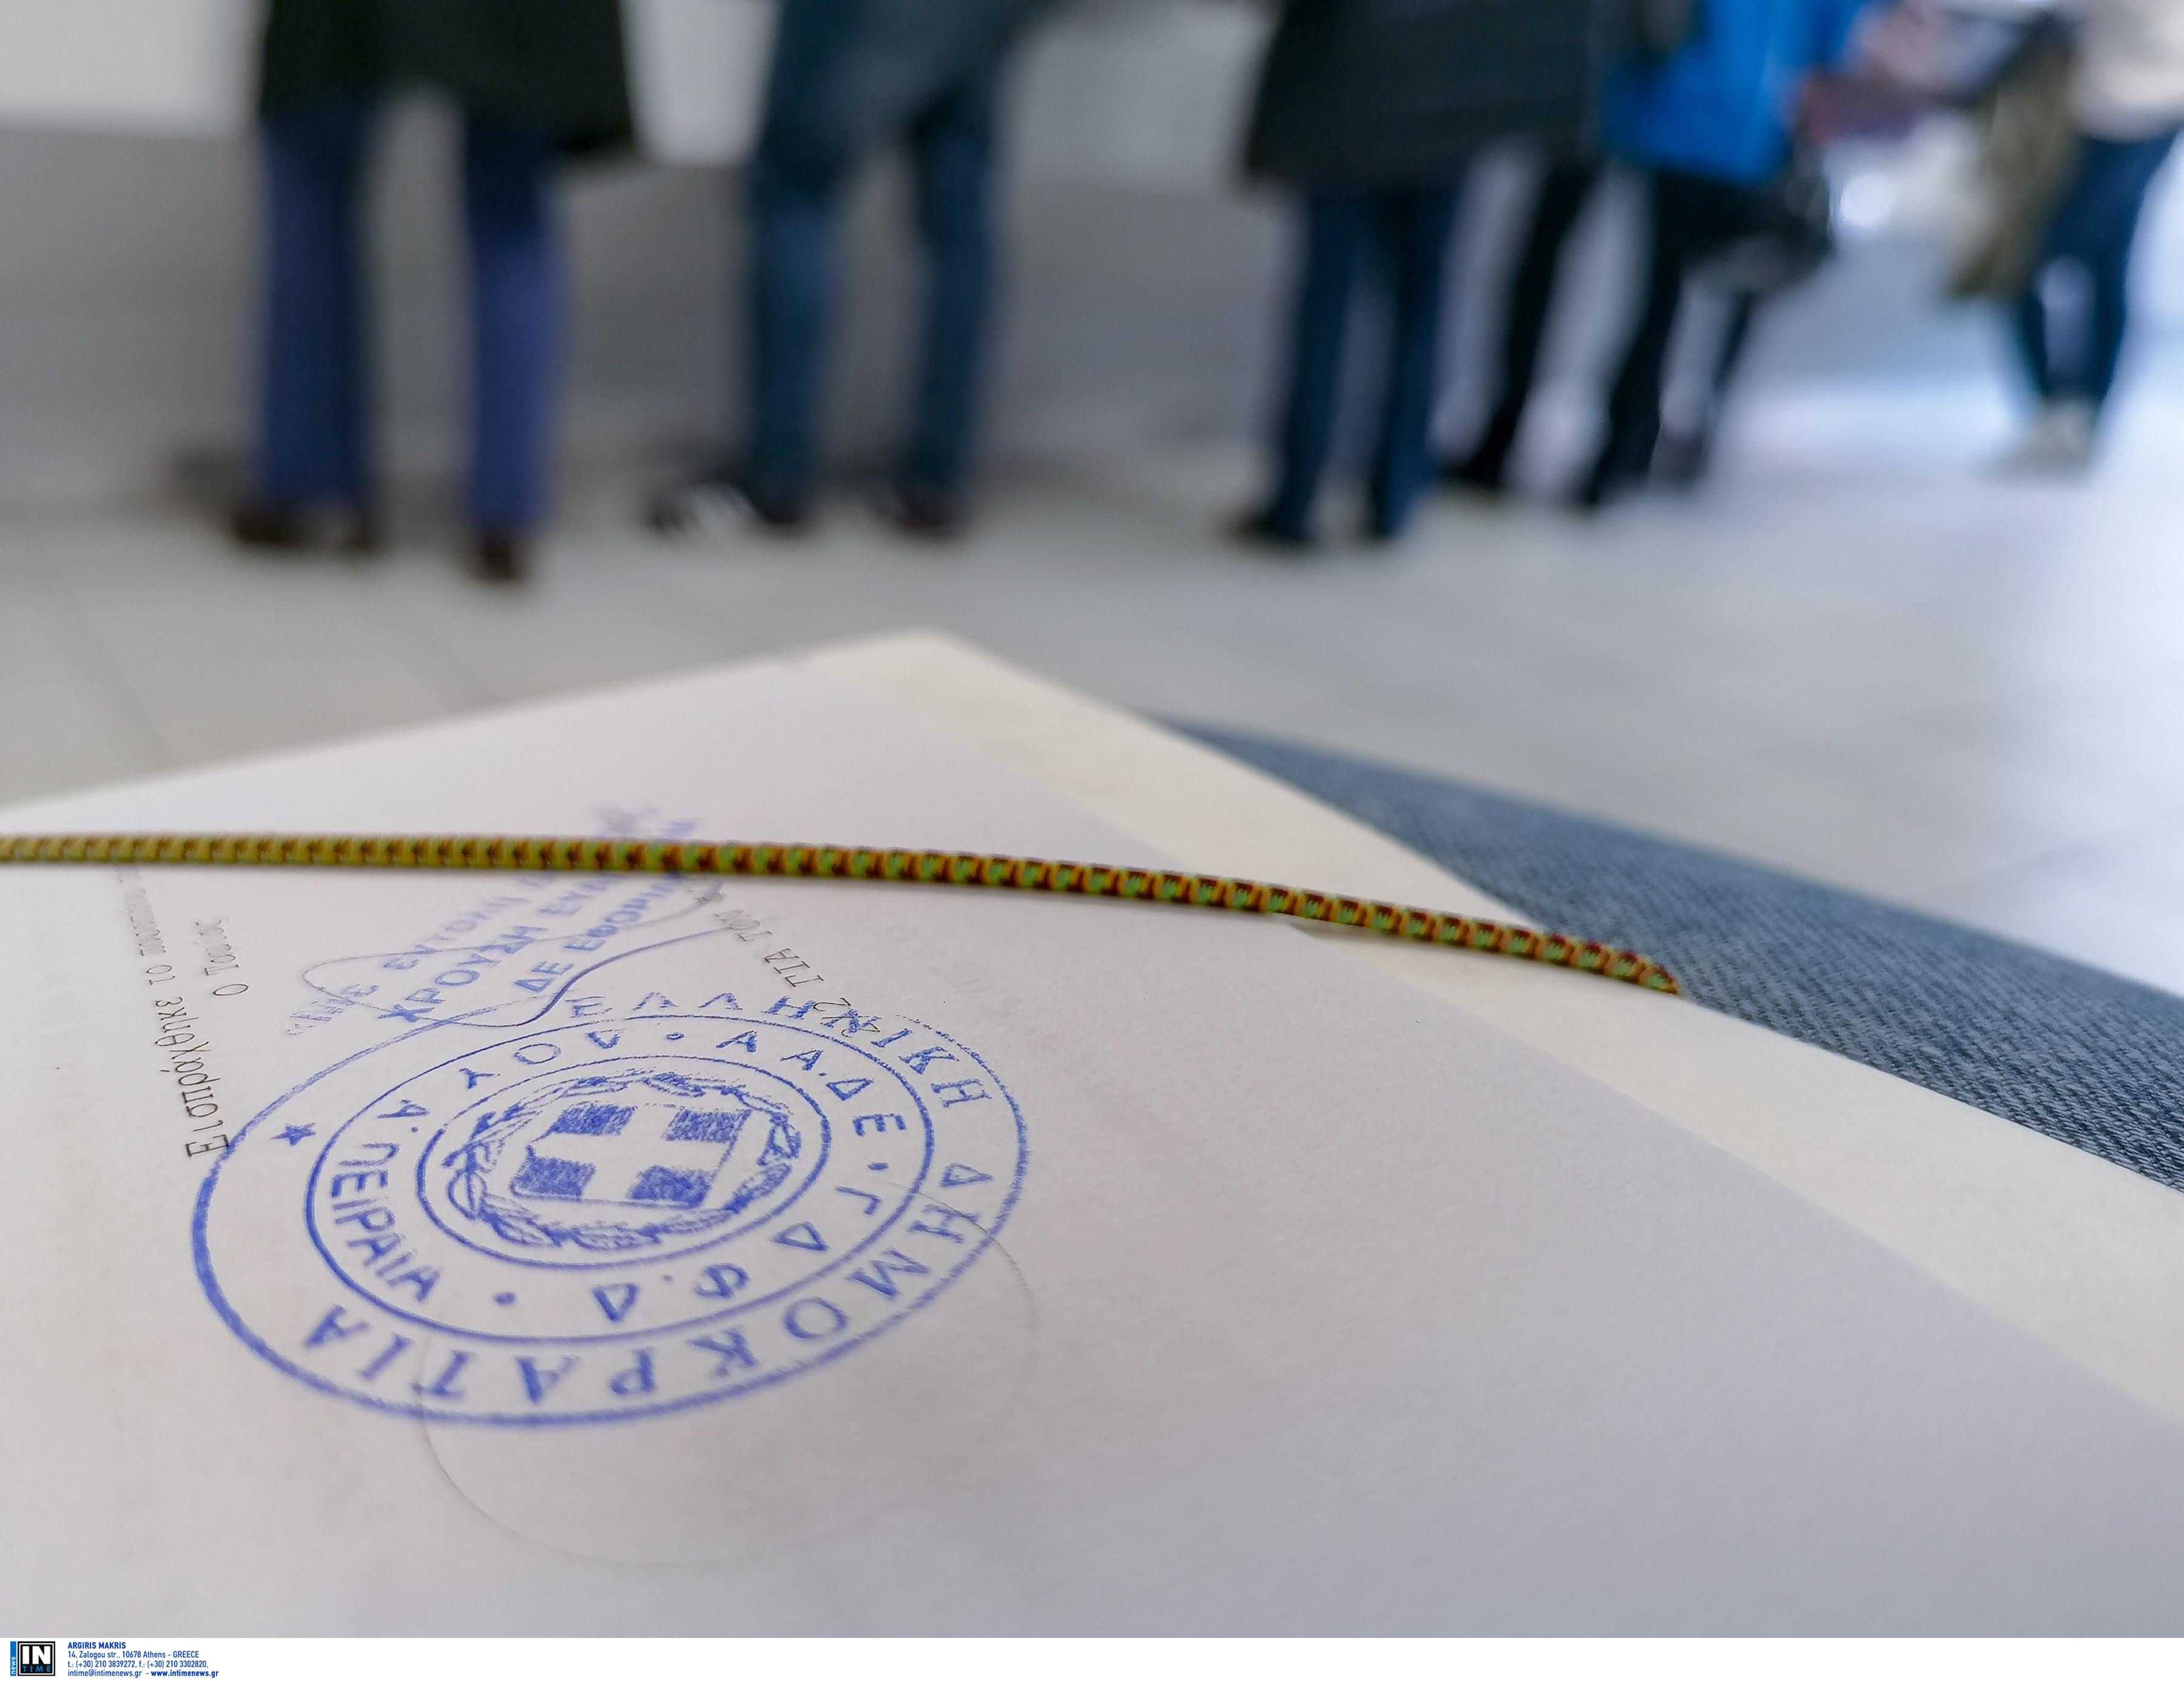 Οι 12 συνήθεις παραβάσεις που κοστίζουν στους φορολογούμενους από 100 έως και 2.500 ευρώ πρόστιμο